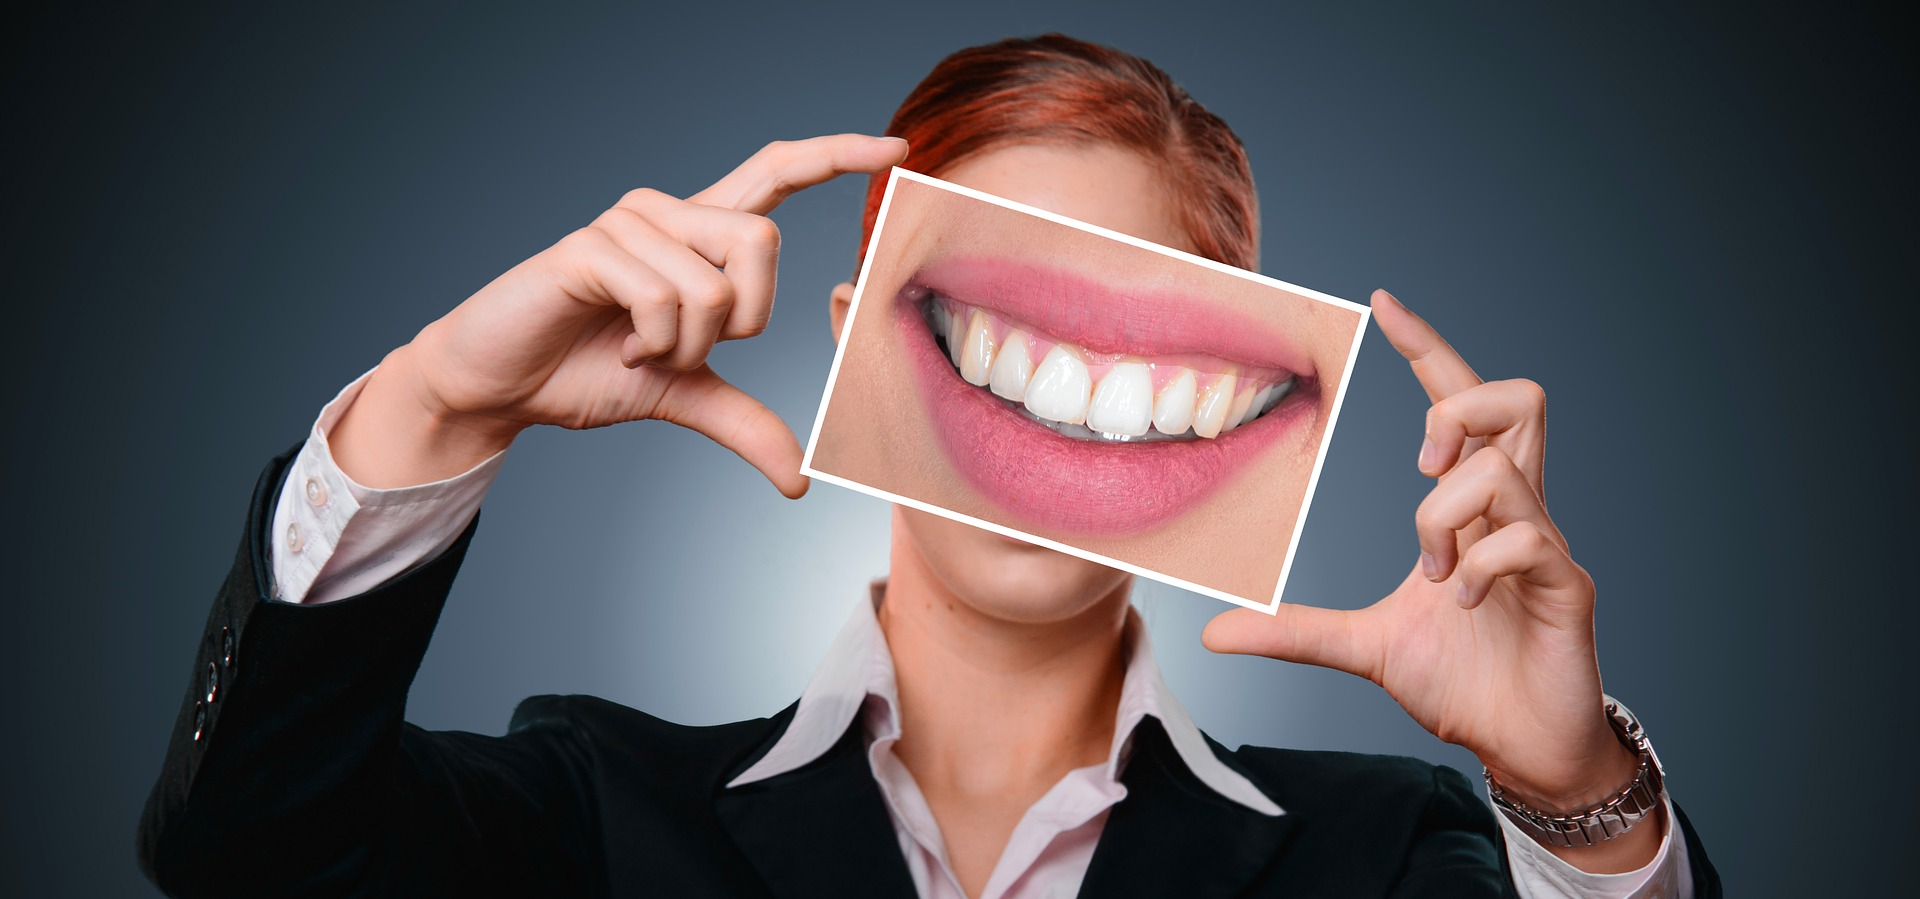 Крема, клеи и гели для фиксации зубных протезов, какое средство для фиксации зубных протезов лучше